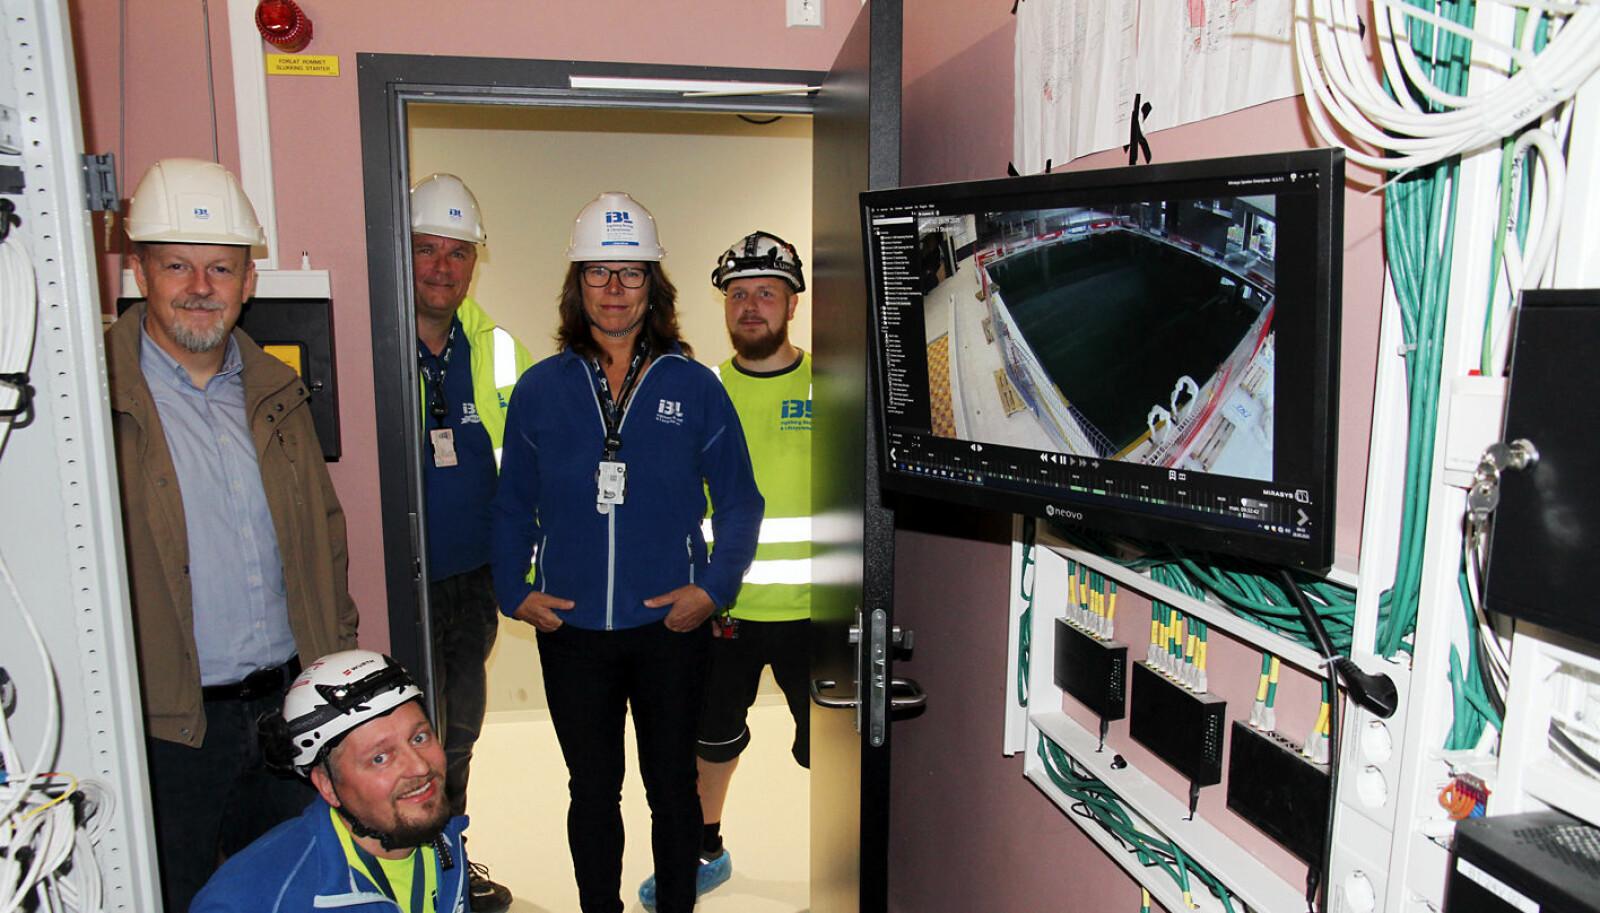 Thore Karoliussen, Kato Lystad, Børre Eriksen, Ingeborg Haukerud og Henrik Olsson viser frem det tekniske rommet med server for video management systemet. Betjeningen skjer fra klientstasjoner.